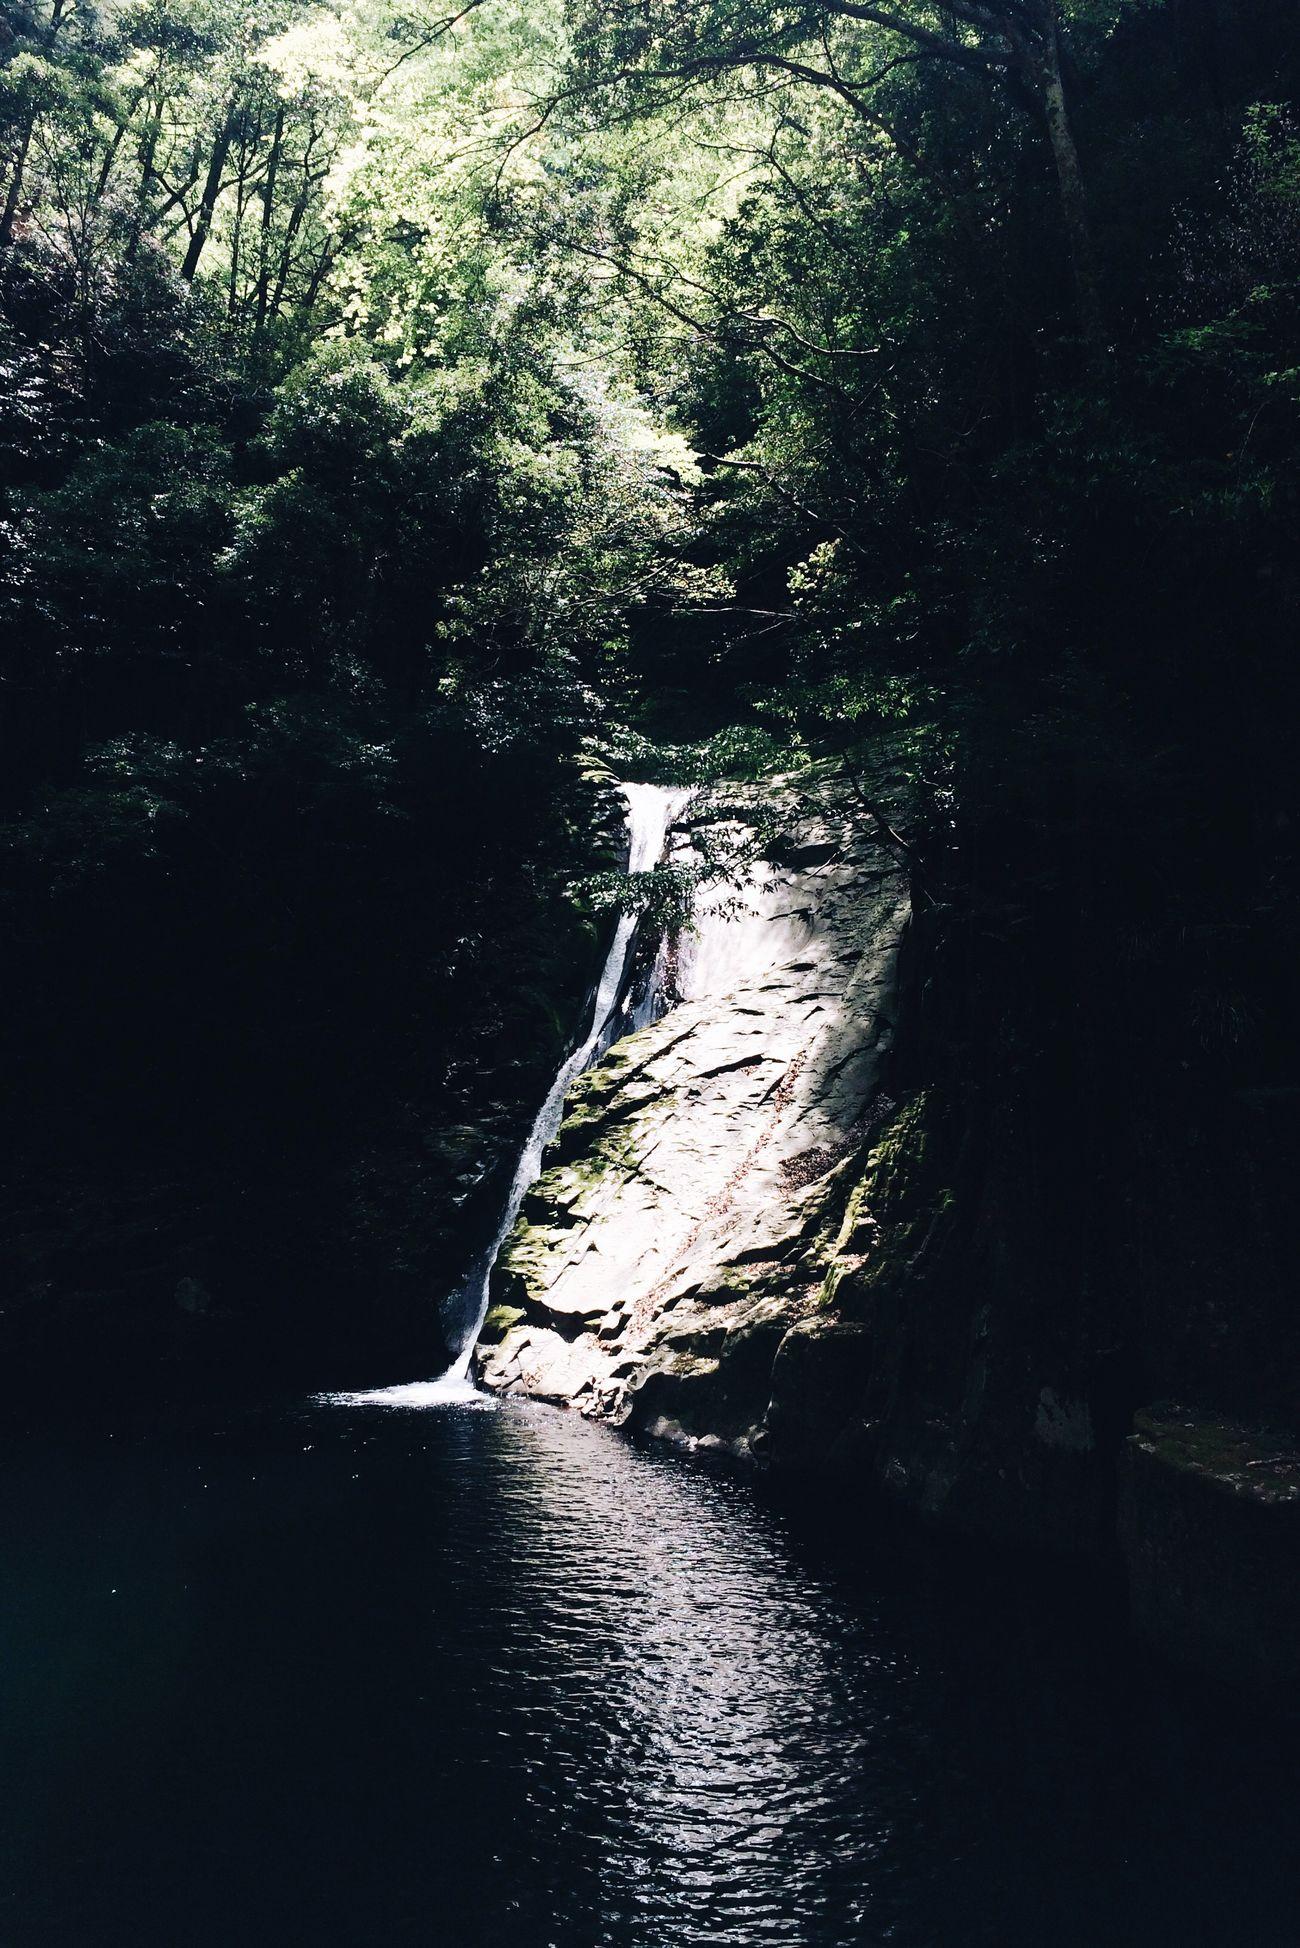 布曳滝 Waterfall